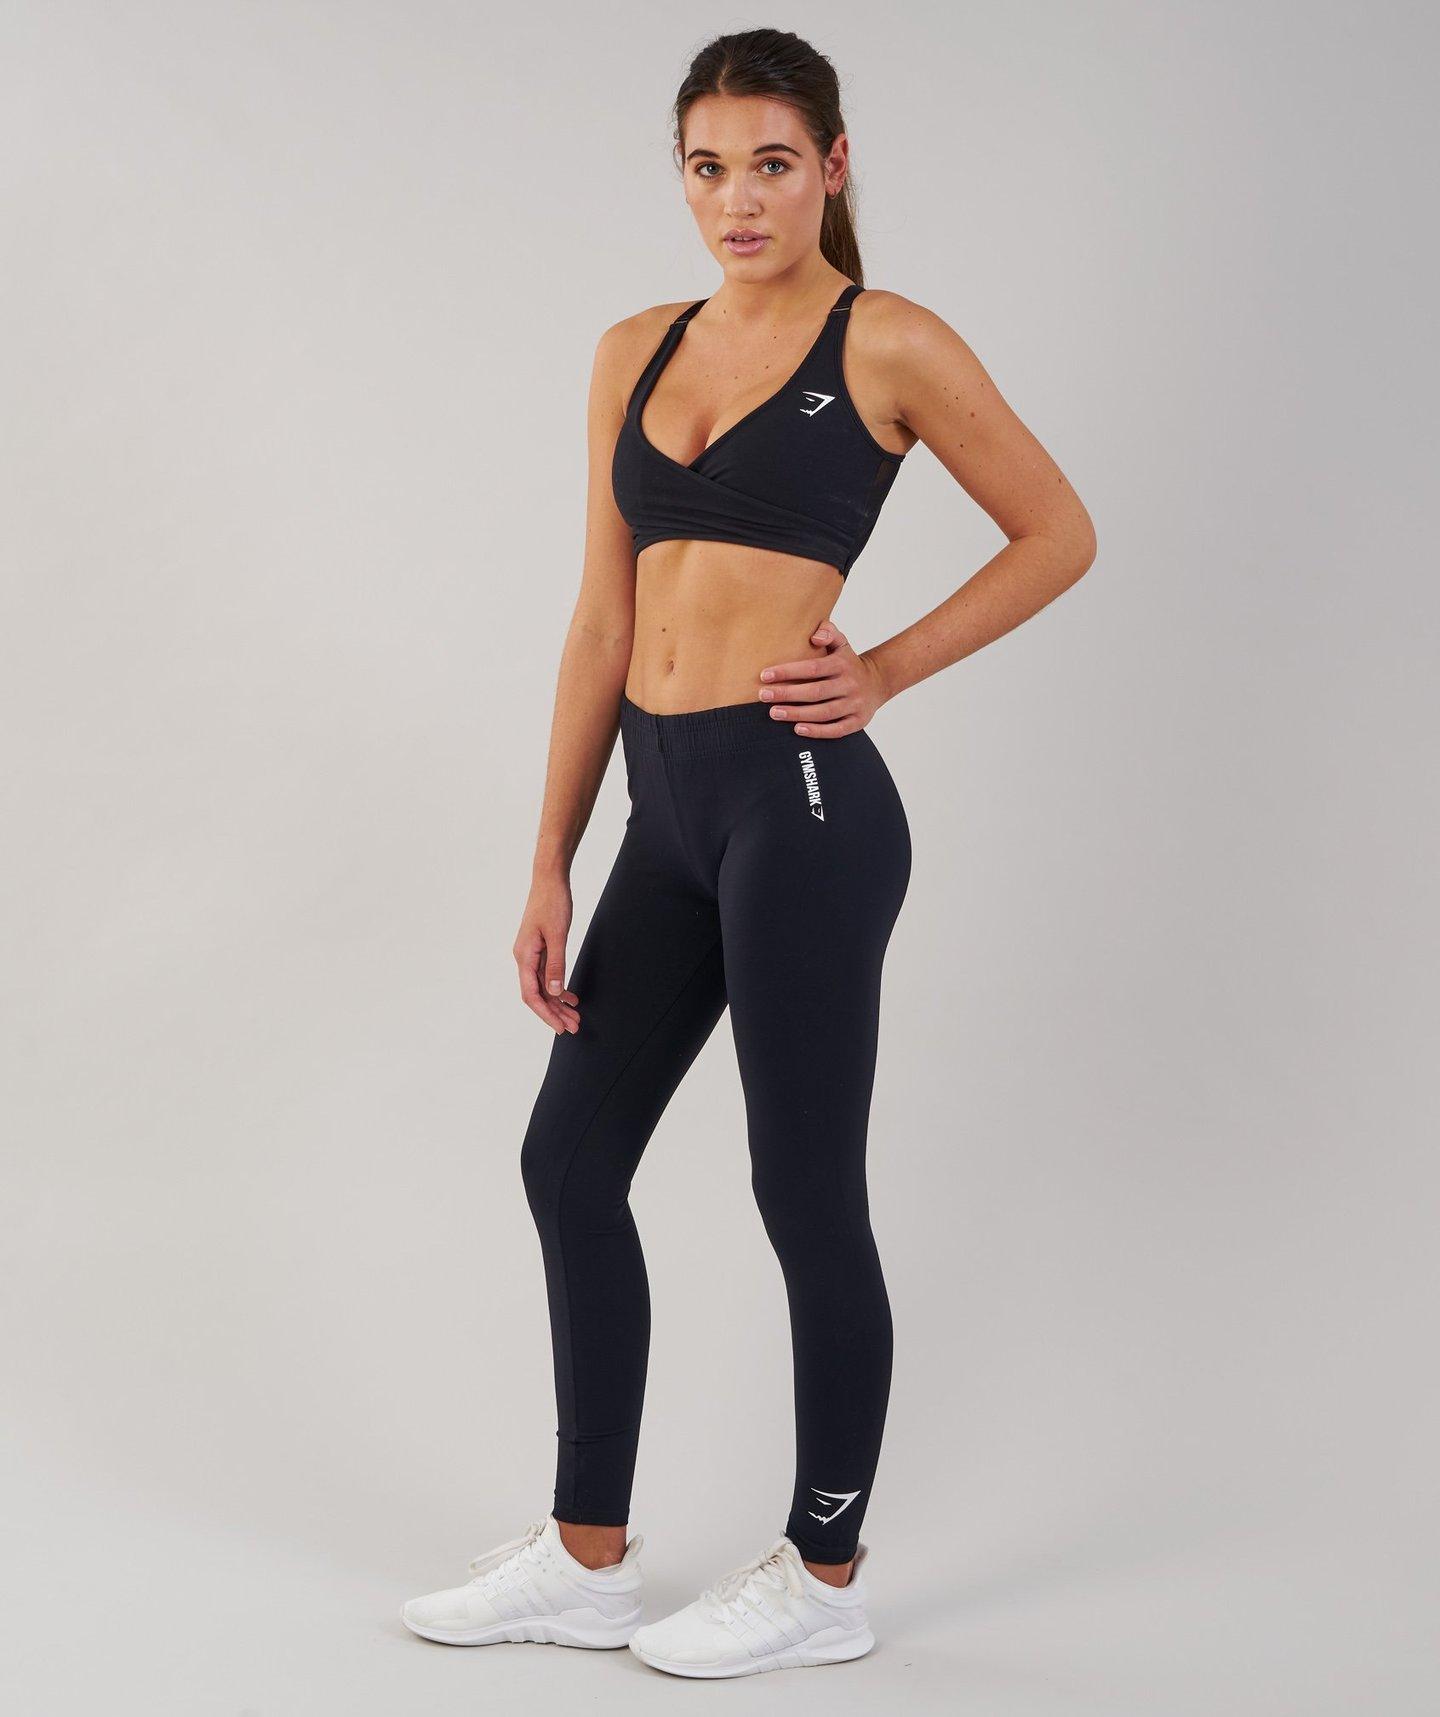 Gymshark Women's Leggings $15, Men's Gymshark L/S Brushed Cotton Tees $18 + shipping